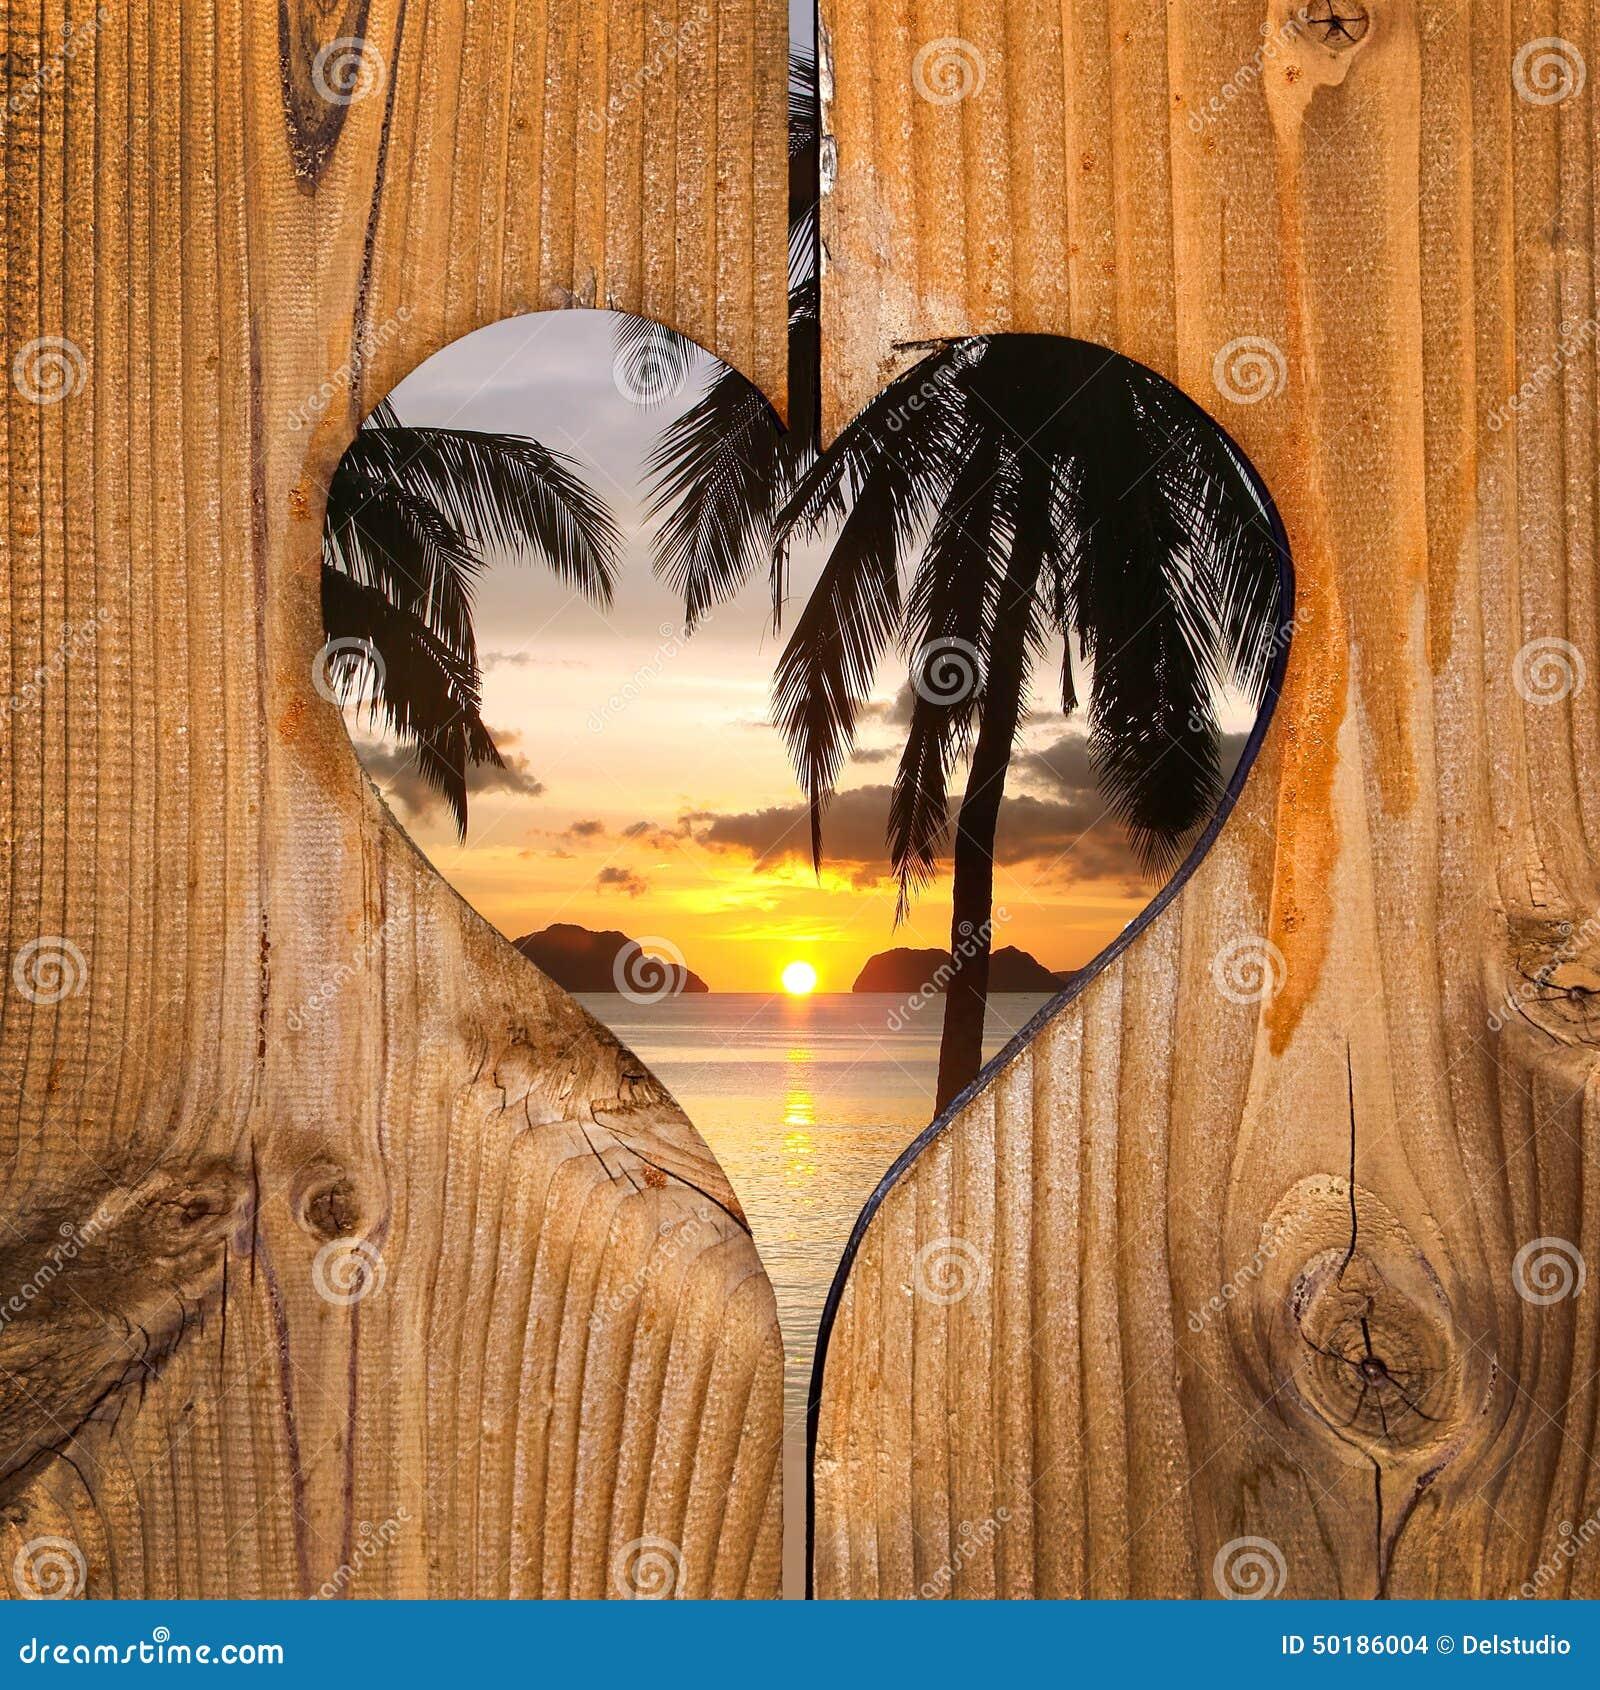 Beach Sunset In A Wooden Heart